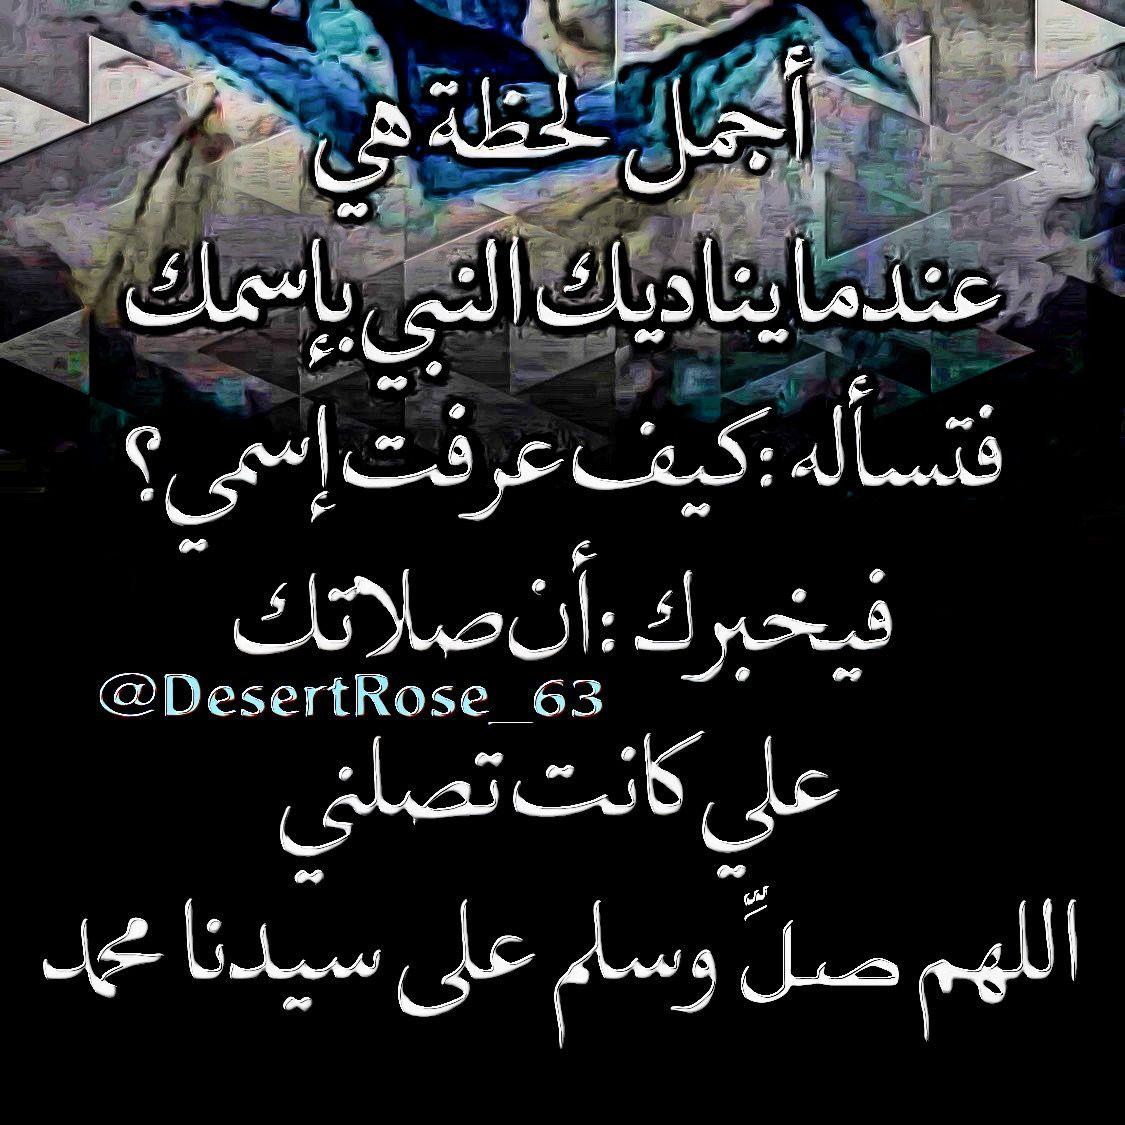 طابت جمعتكم وجميع أيامكم بذكر الله والصلاة على رسول الله Allah Arabic Calligraphy Calligraphy